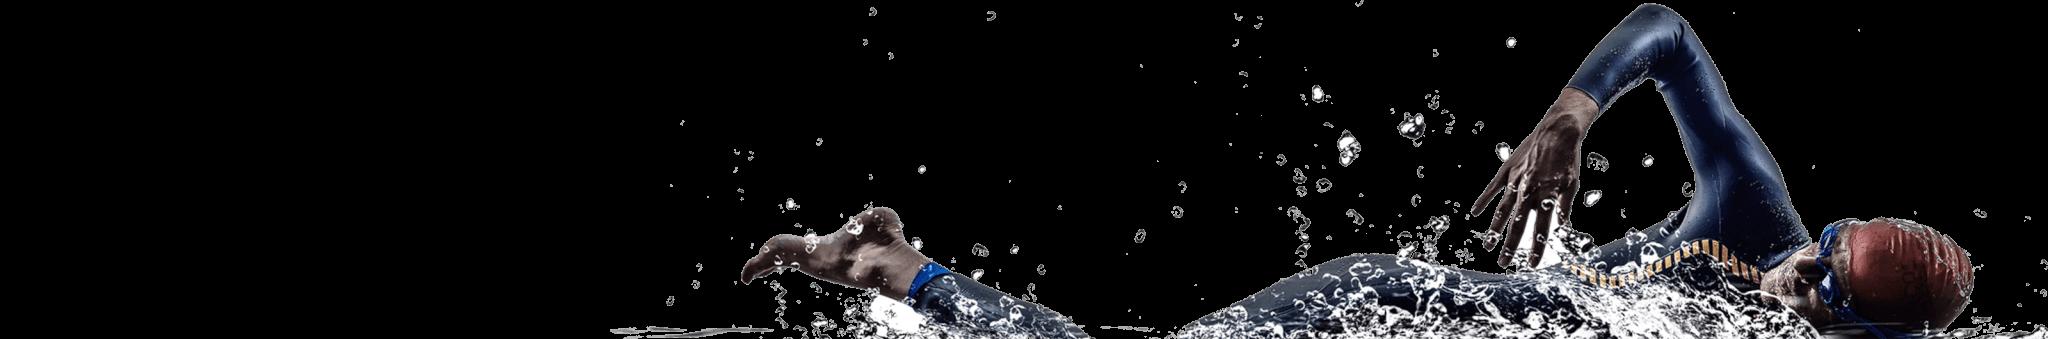 https://www.basenaugustow.pl/wp-content/uploads/2017/10/inner_swimmer-1.png